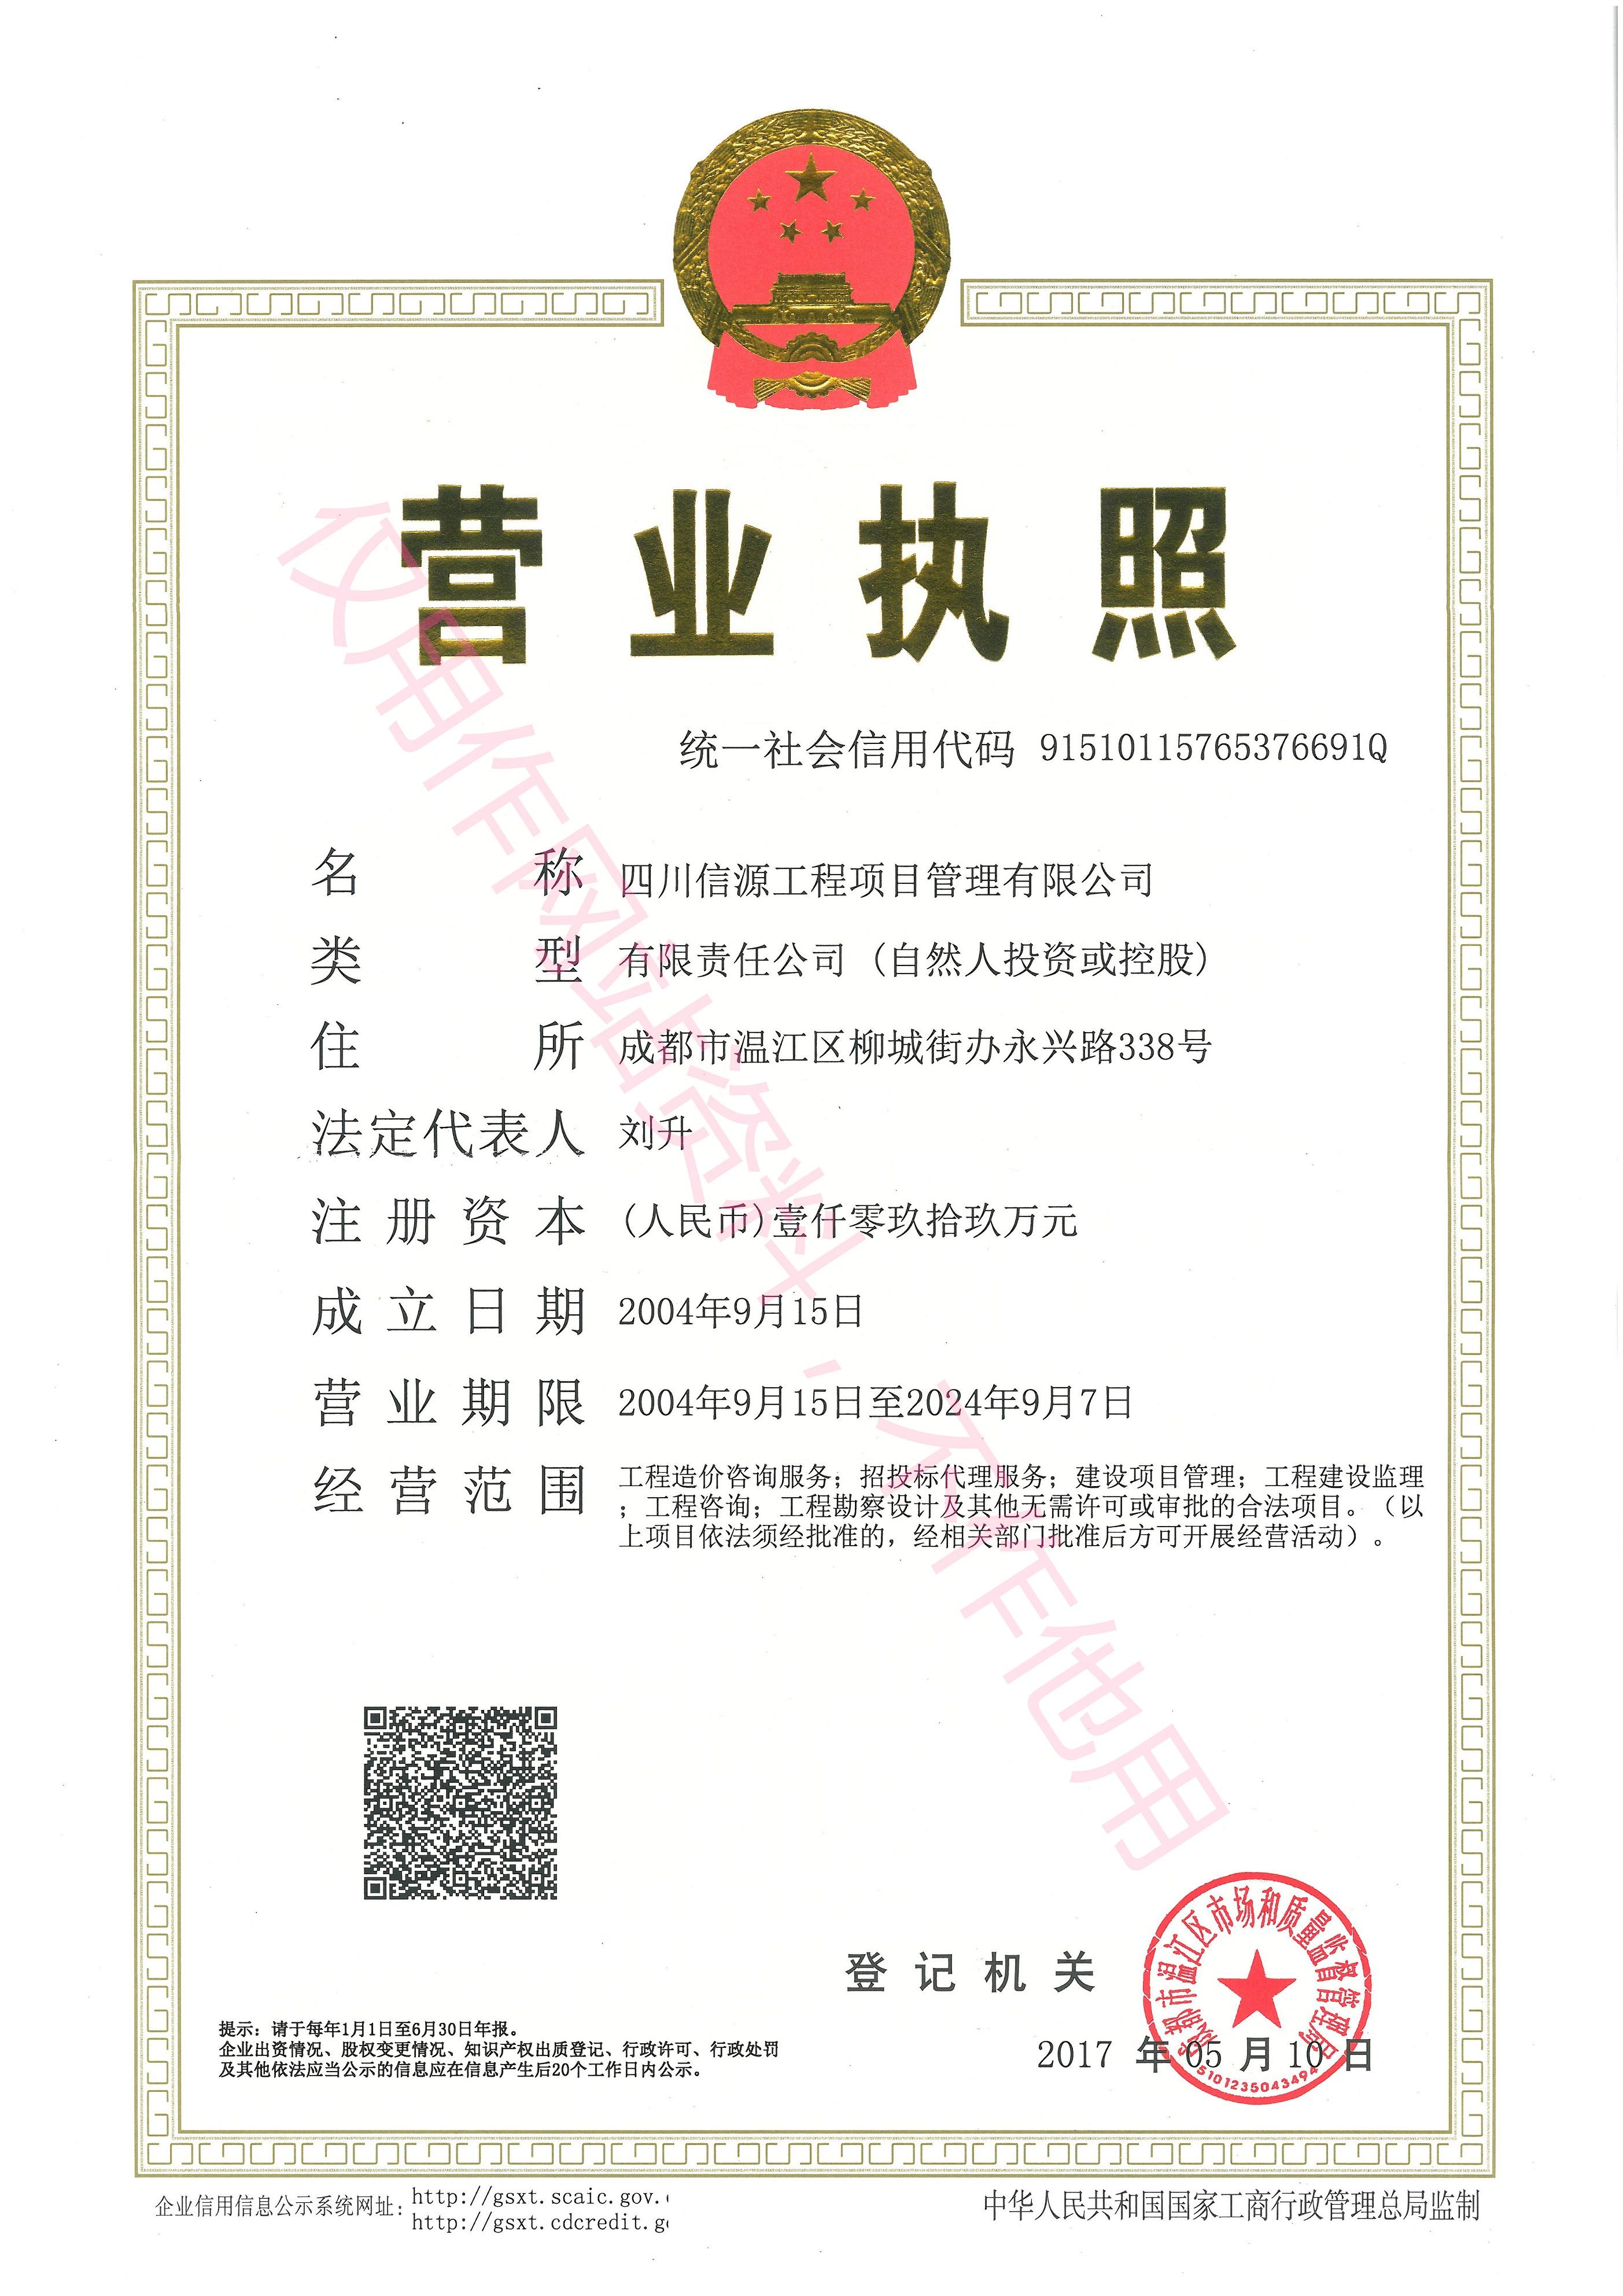 四川信源亚搏体育官方网站登录项目管理有限公司营业执照,66速聘